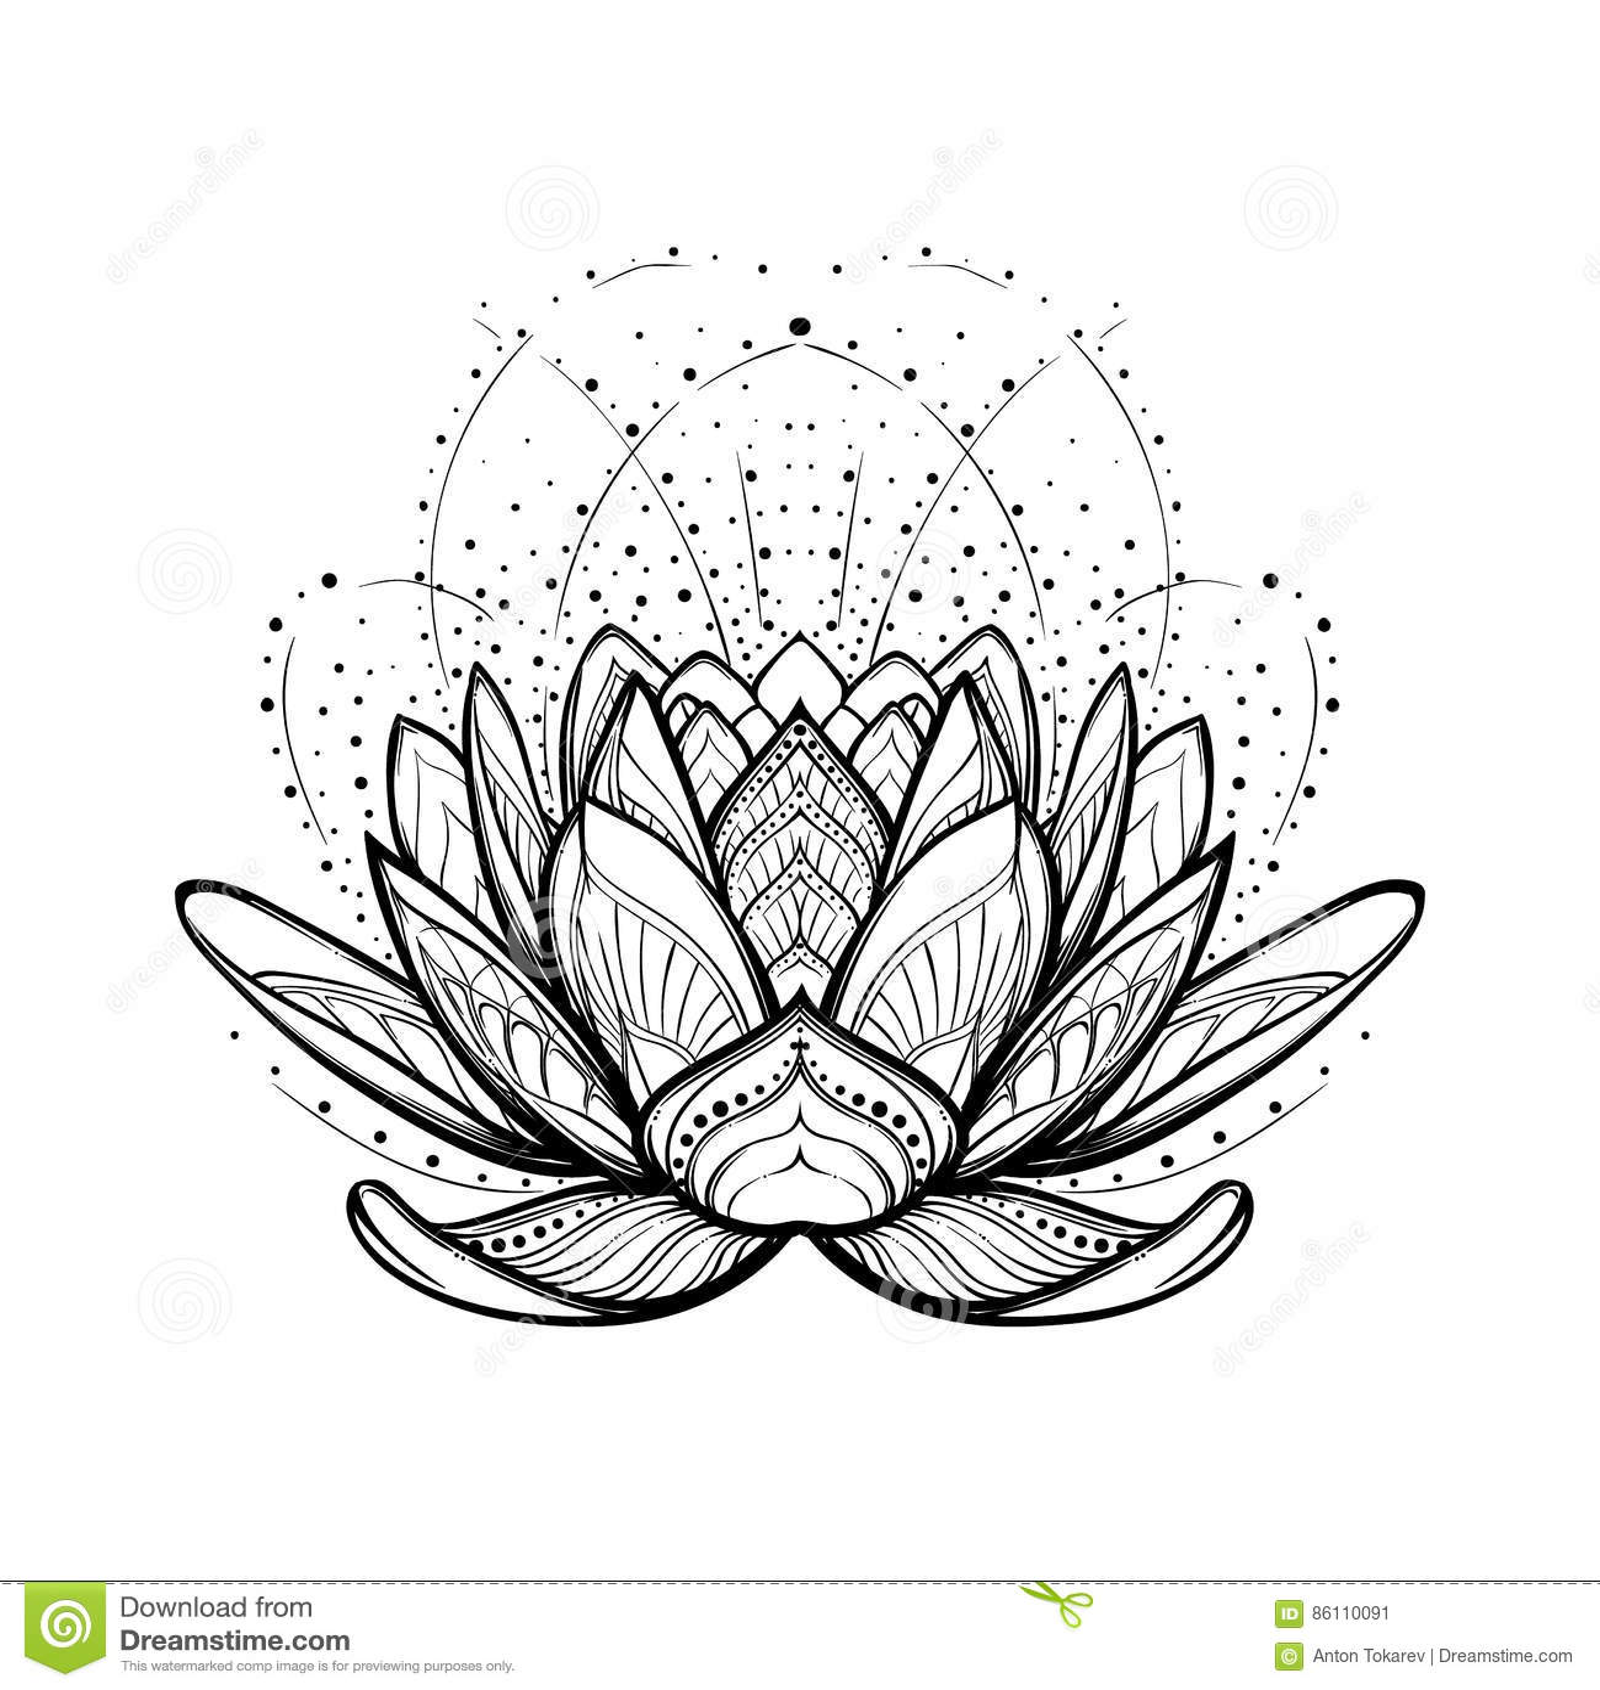 Fiore Di Loto Tattoo Disegno.Illustrazione Di Zen Del Fiore Di Loto Disegno Lineare Stilizzato